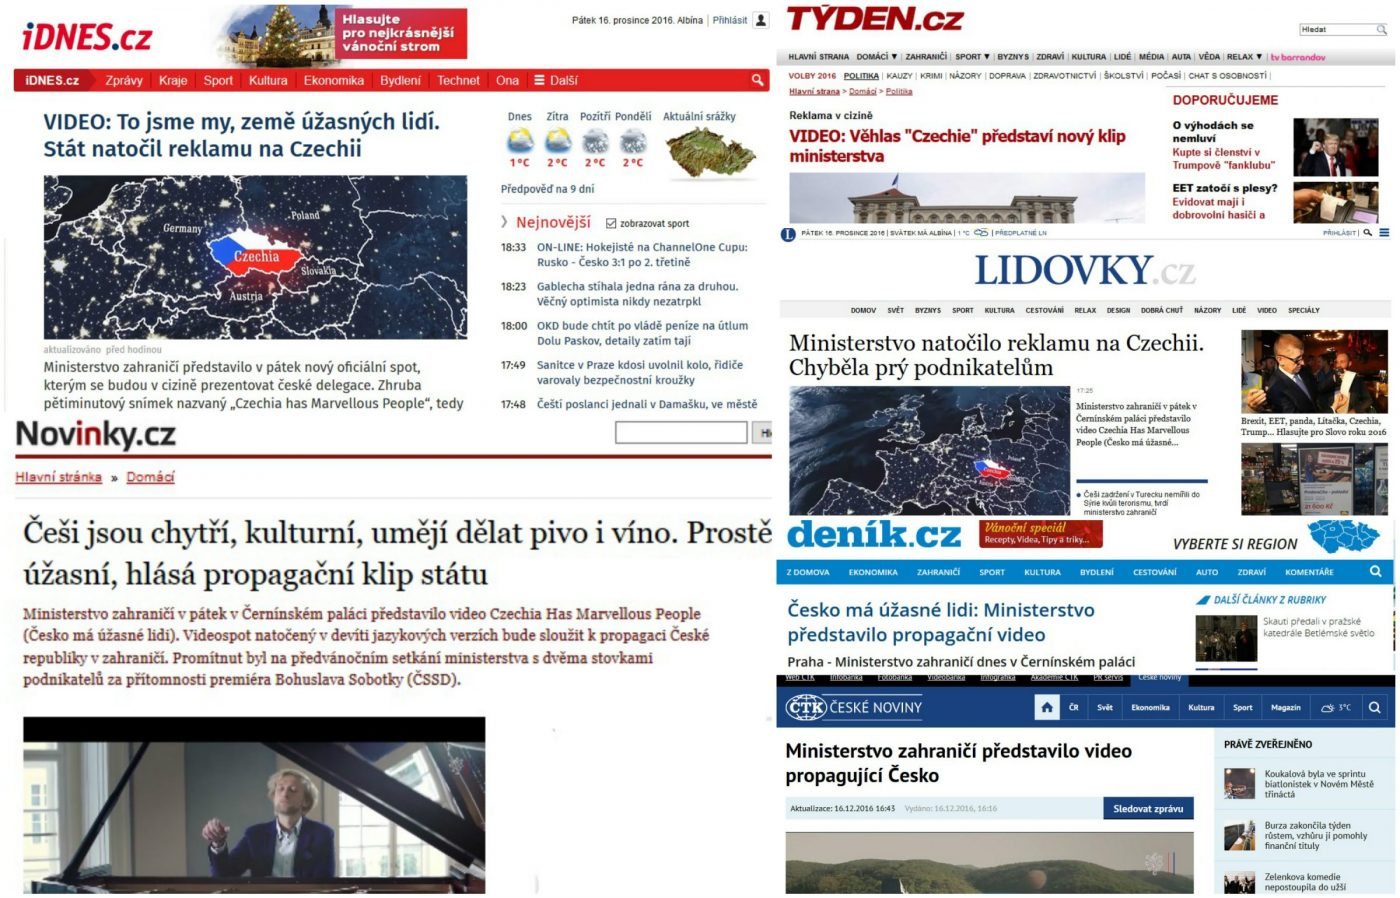 Ivo Kahánek hlavní hvězdou oficiálního klipu propagujícího Česko ve světě